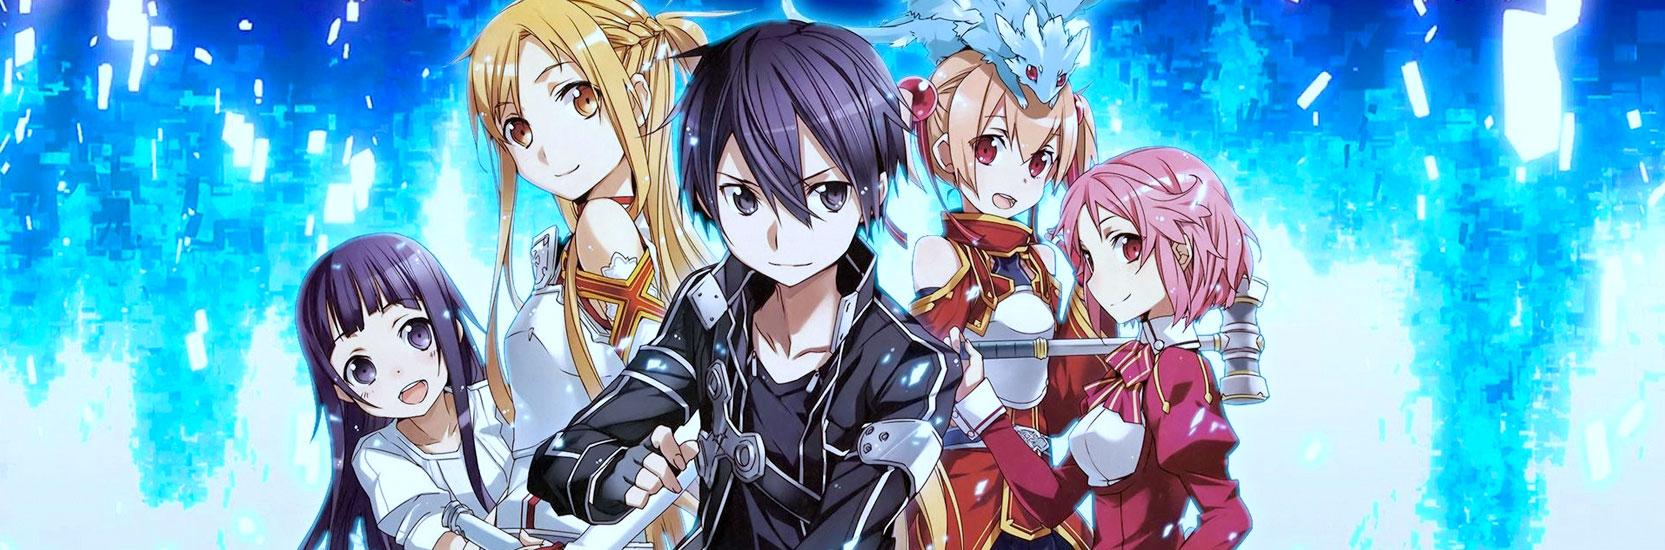 Sword Art Online, une saga épique sur la réalité virtuelle.